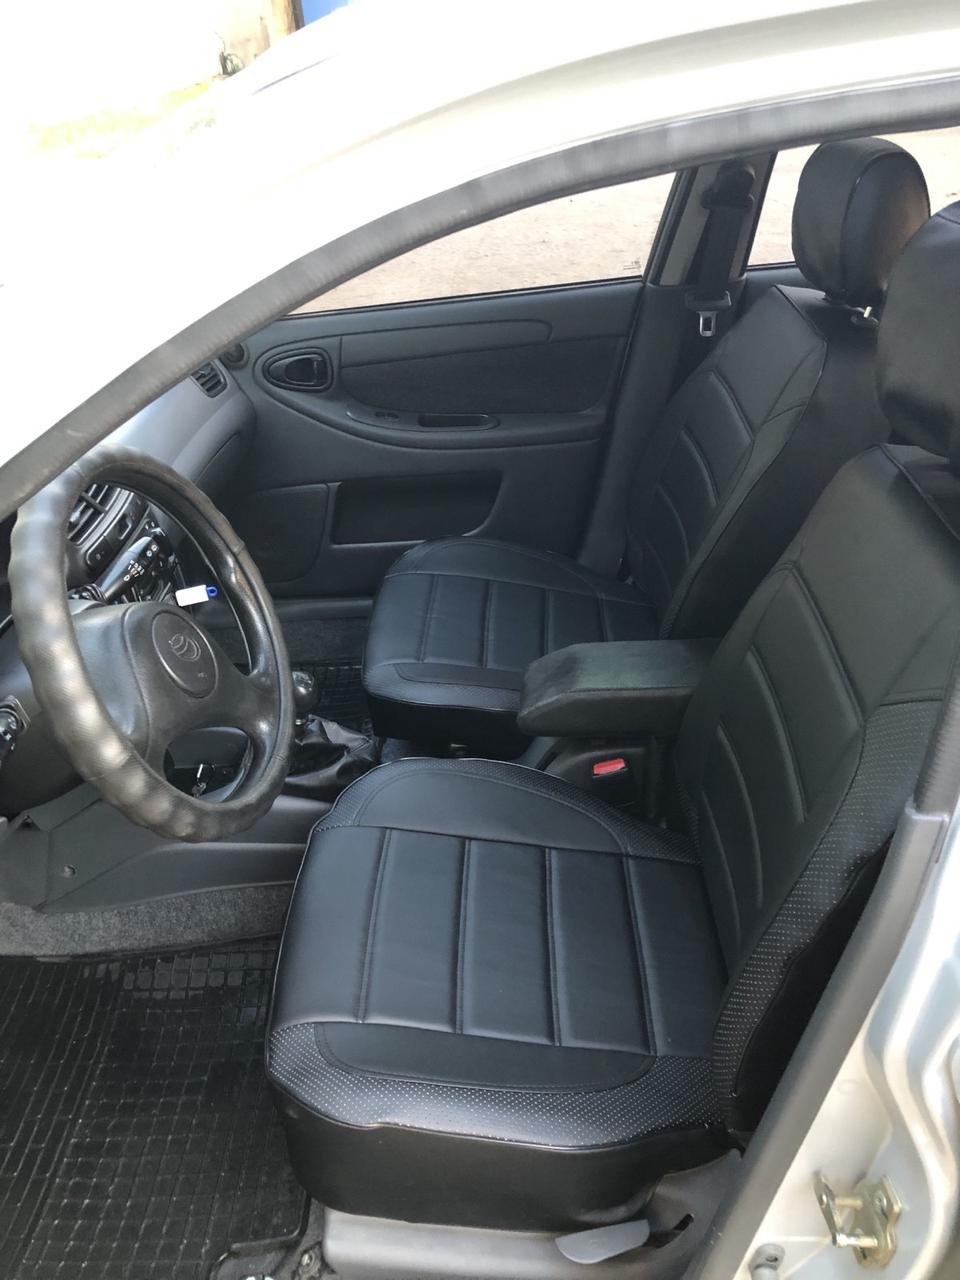 Чохли на сидіння Опель Астра Н (Opel Astra H) модельні MAX-L з екошкіри Чорний Чорно-білий